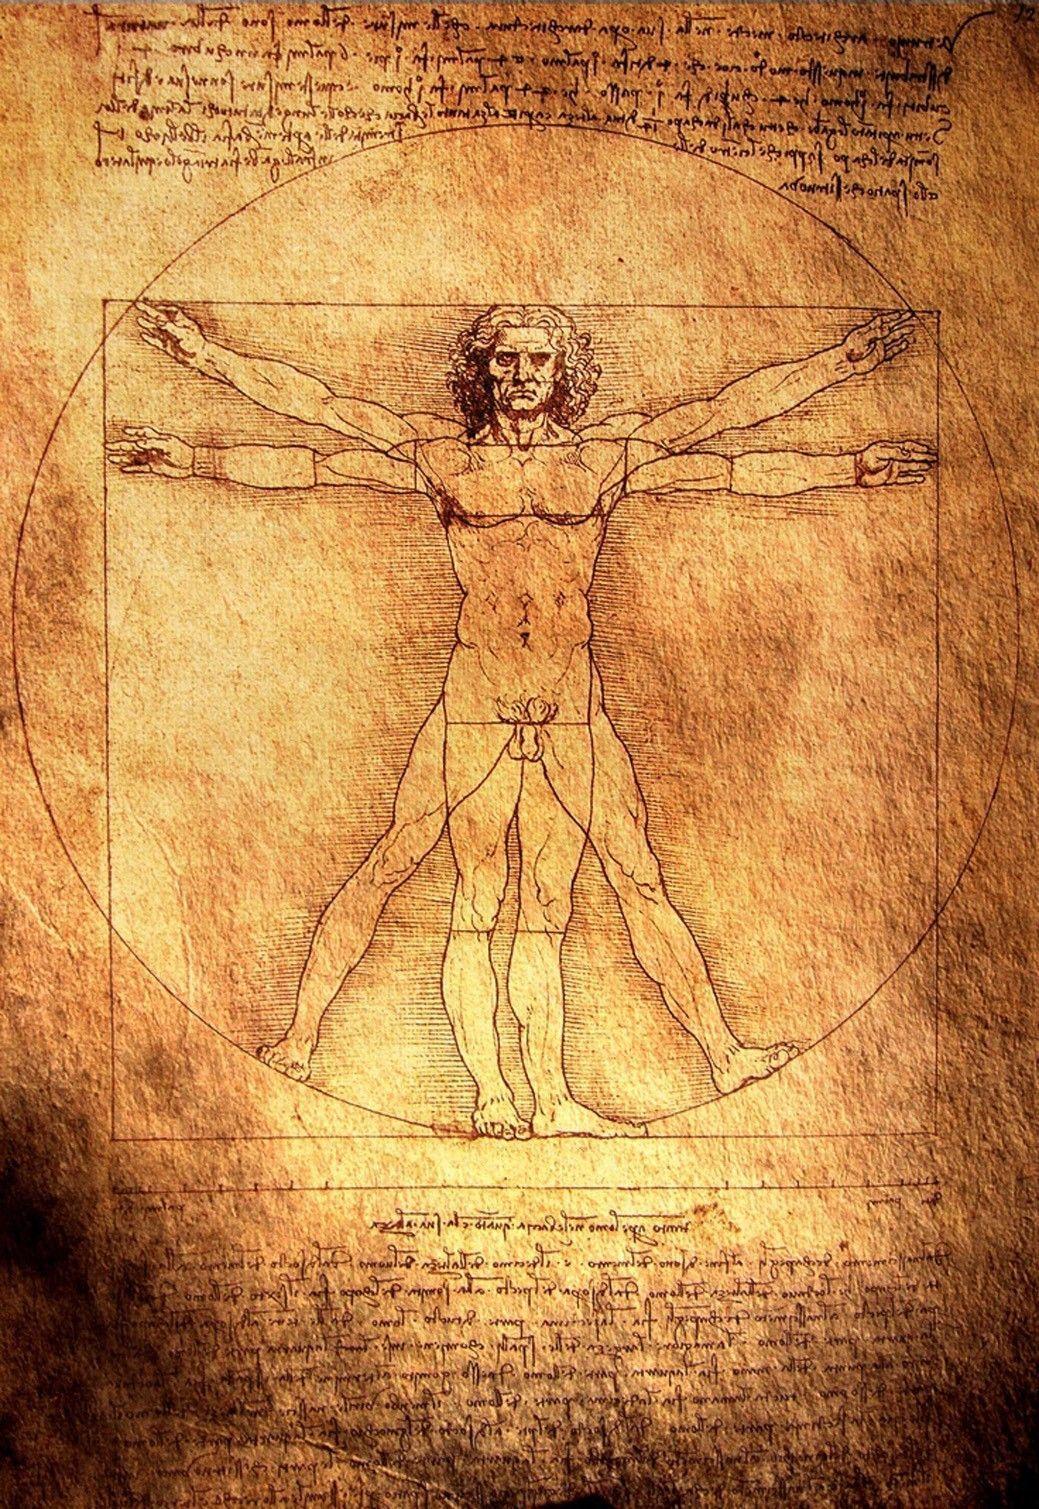 renaissance science leonardo da vinci